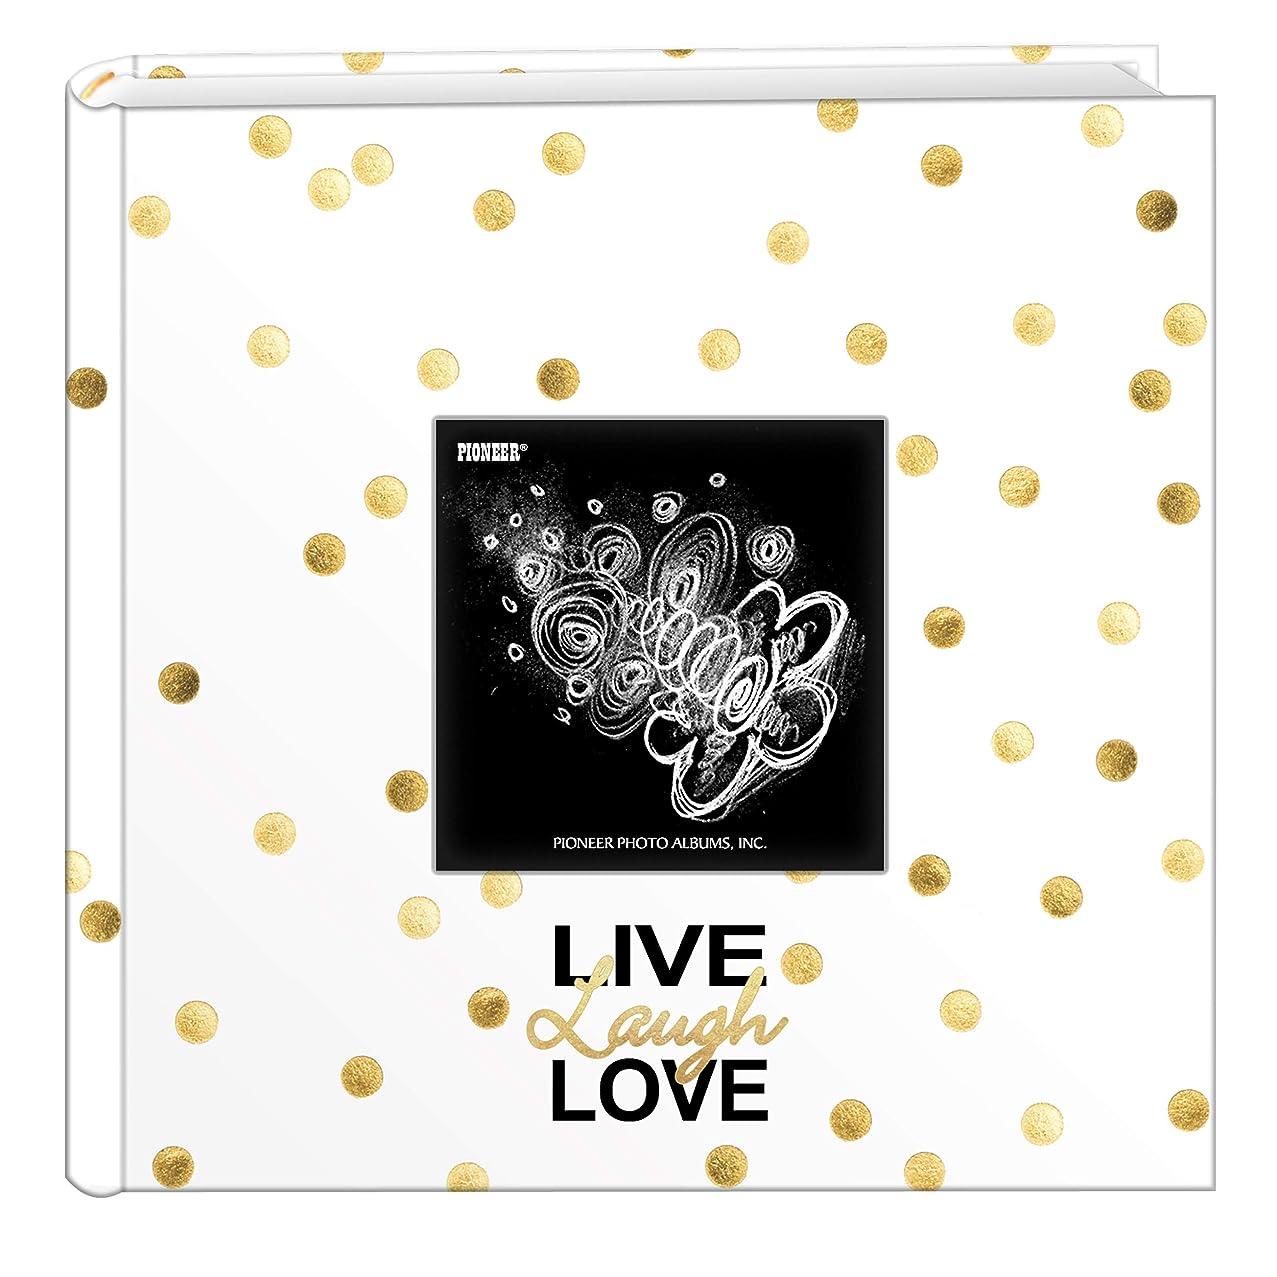 Pioneer Photo Albums EV-246/L Golden Dots Live Laugh Love 200 pkt 4x6 Photo Album, Pocket, Gold